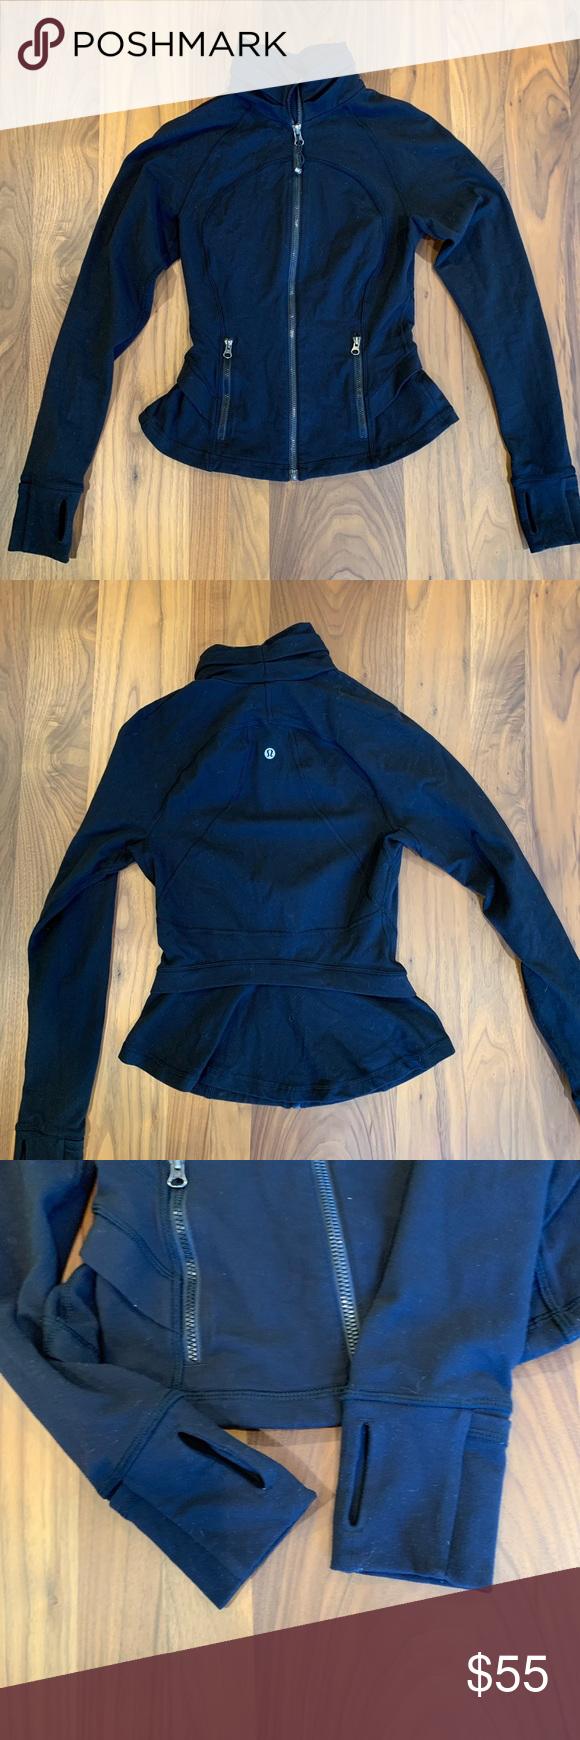 Lulu 🍋 zip up Zip ups, Sweatshirt tops, Sweatshirts hoodie